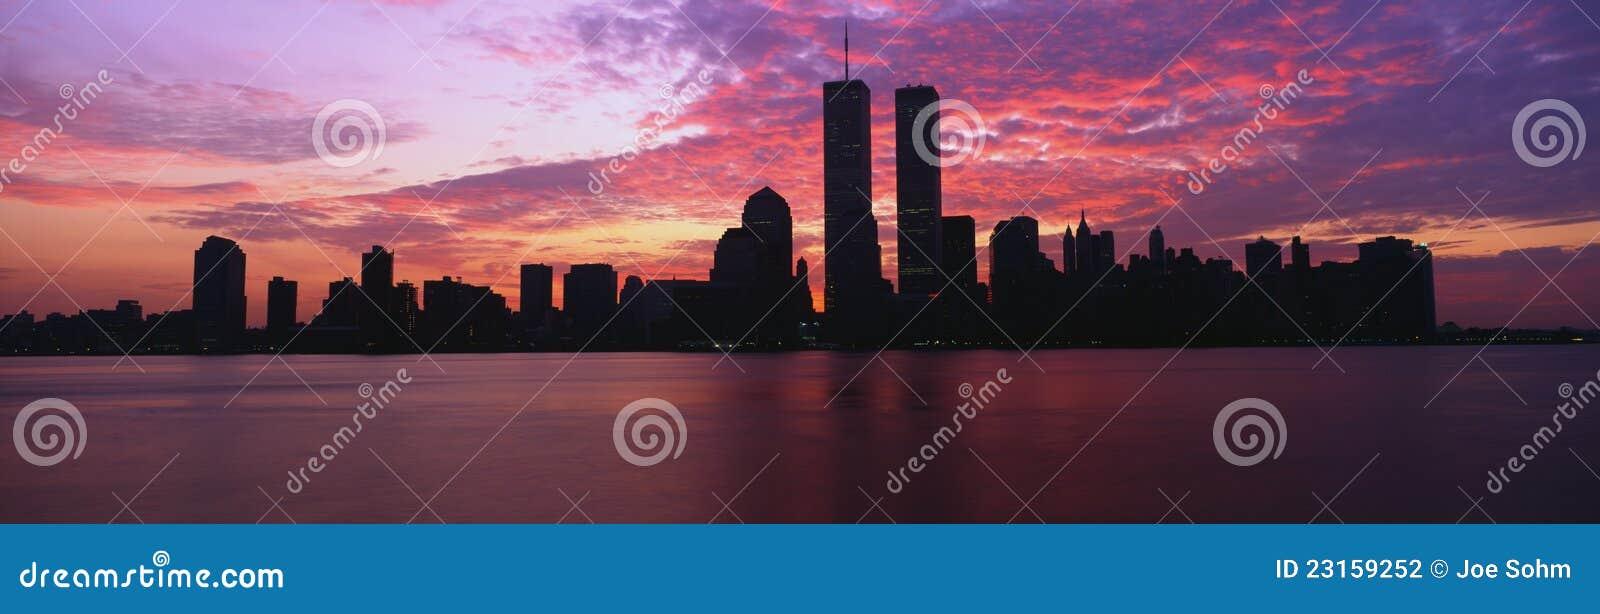 Горизонт New York с башнями мировой торговли